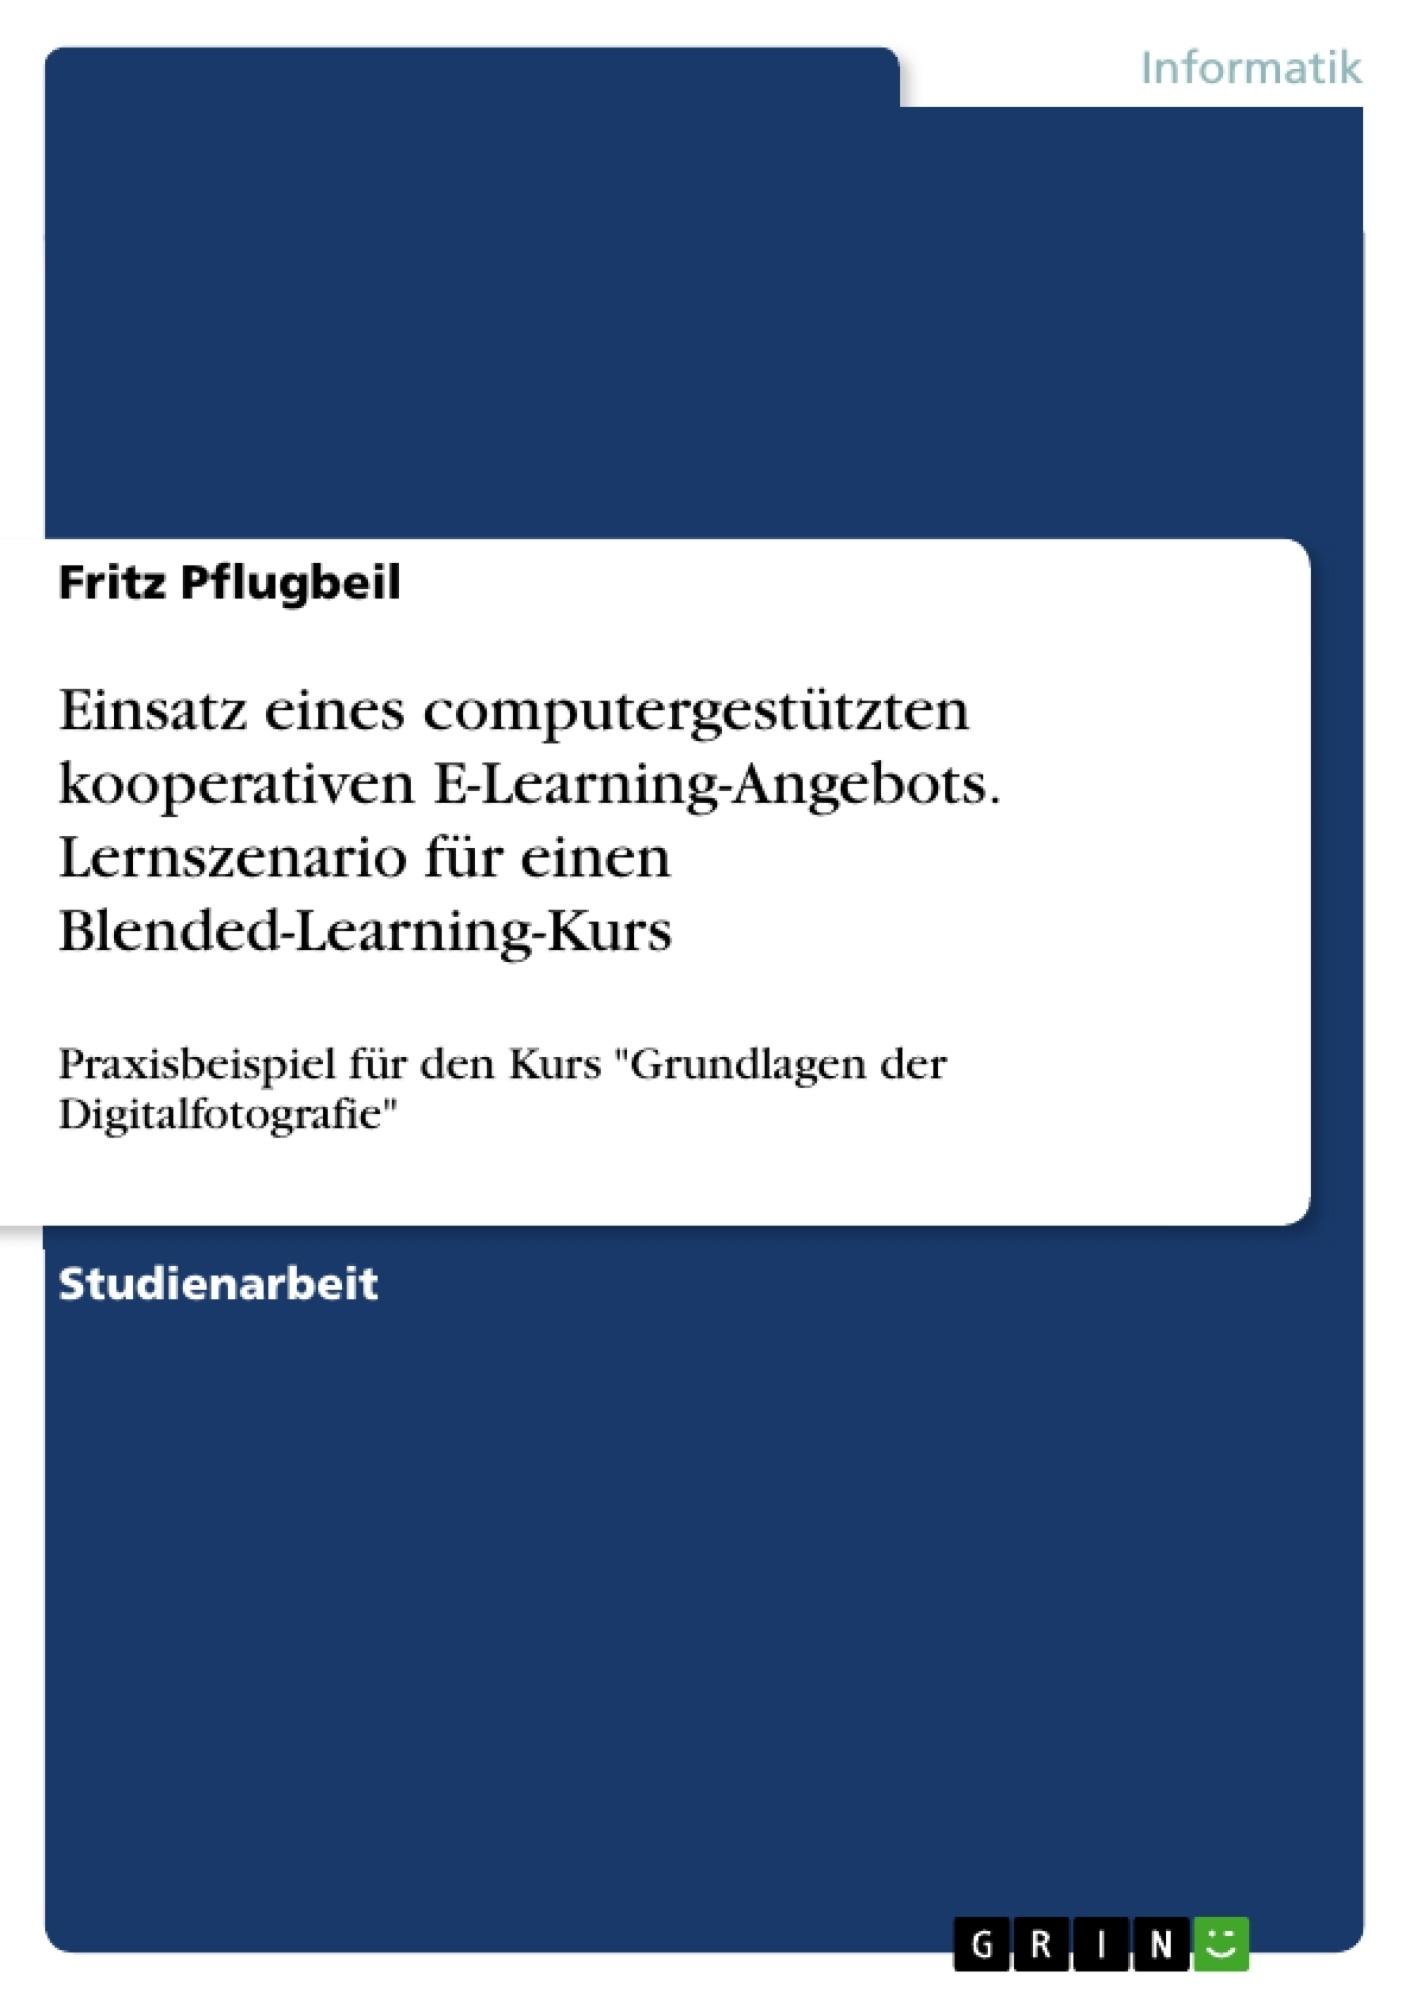 Titel: Einsatz eines computergestützten kooperativen E-Learning-Angebots. Lernszenario für einen Blended-Learning-Kurs